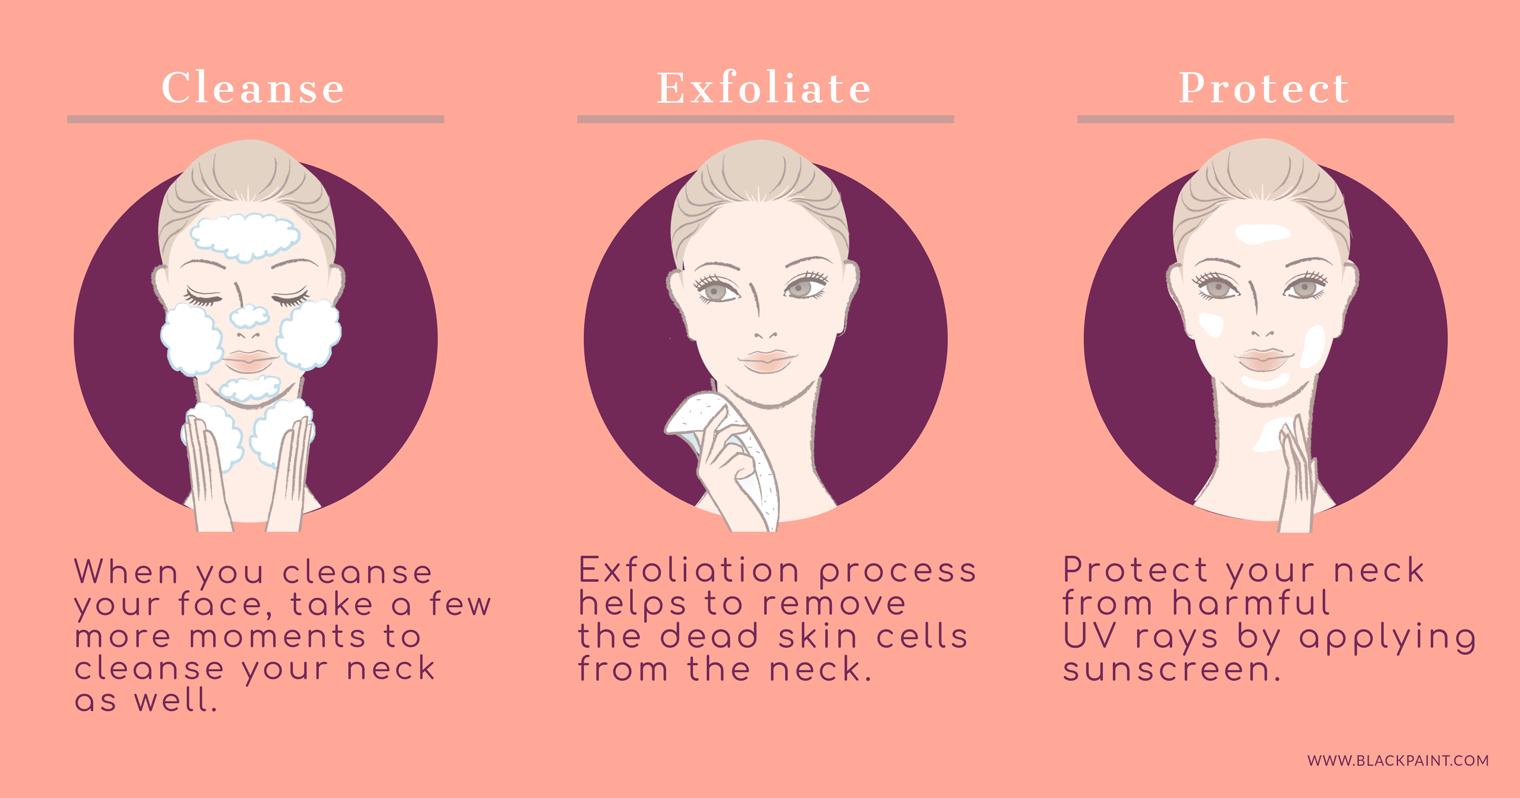 Easy basic methods to prevent neck wrinkles